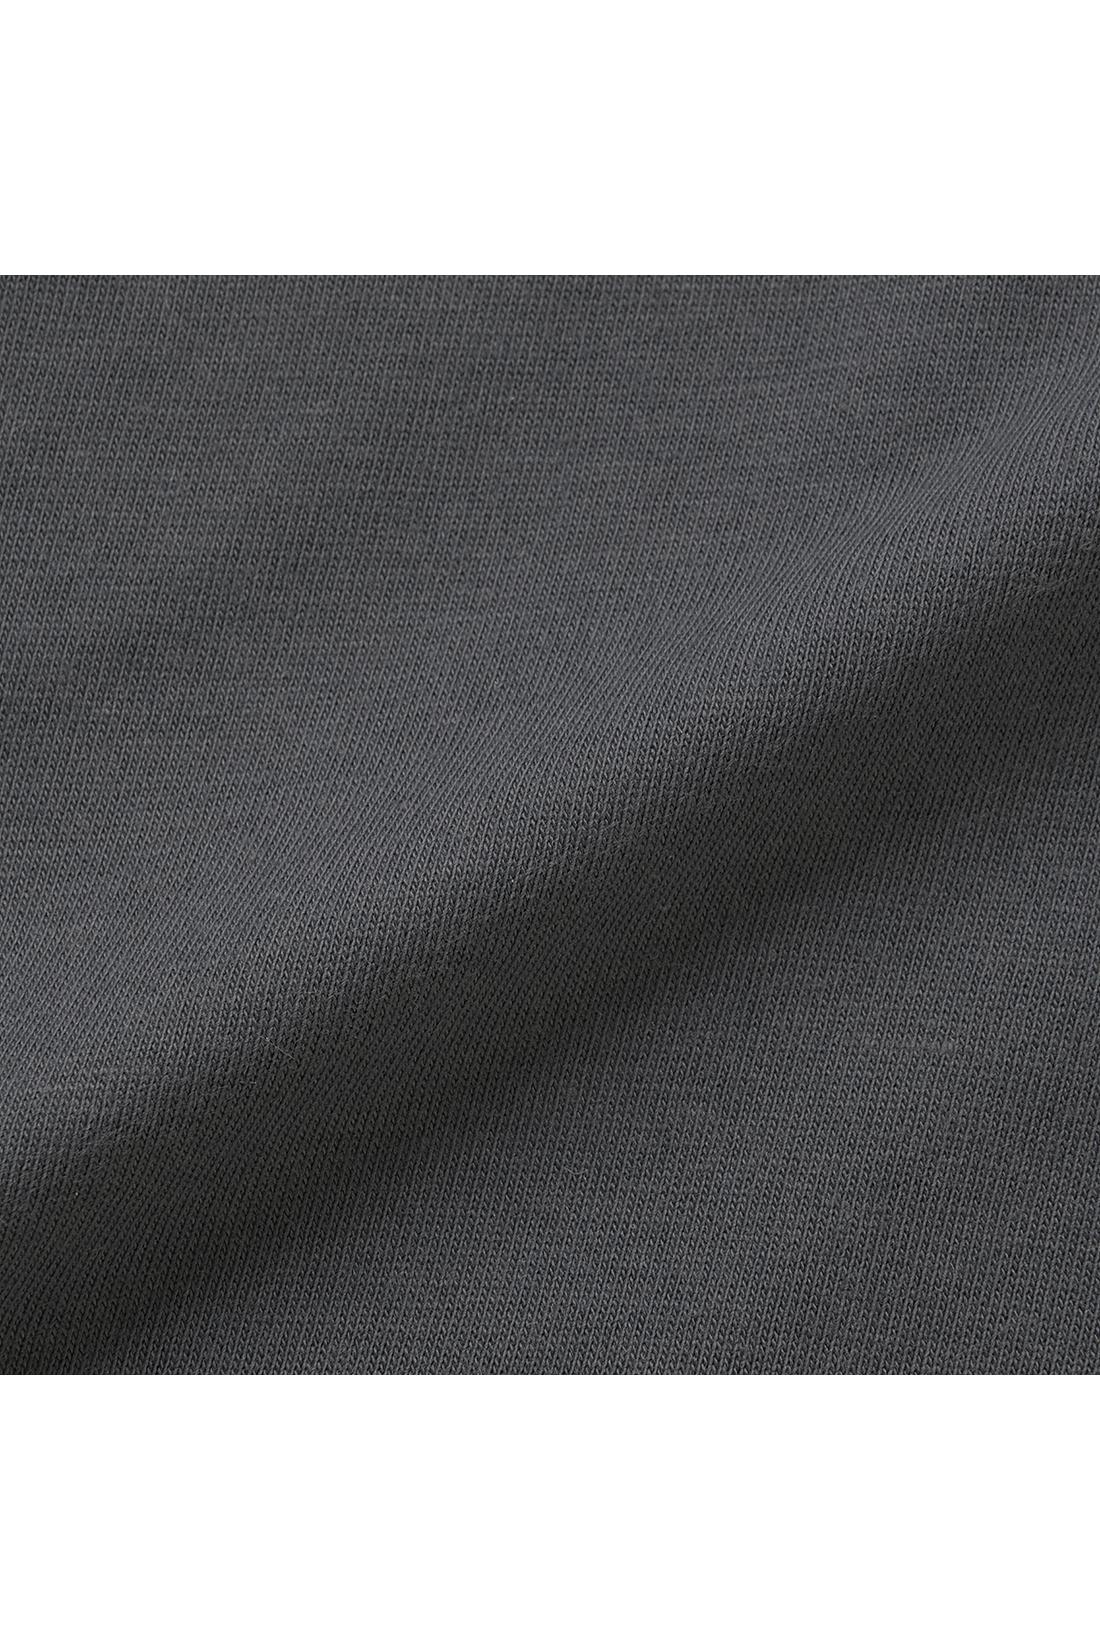 カーディガンは滑らかで落ち感のあるカットソー素材。肌心地がいいからノースリーブにはおっても。